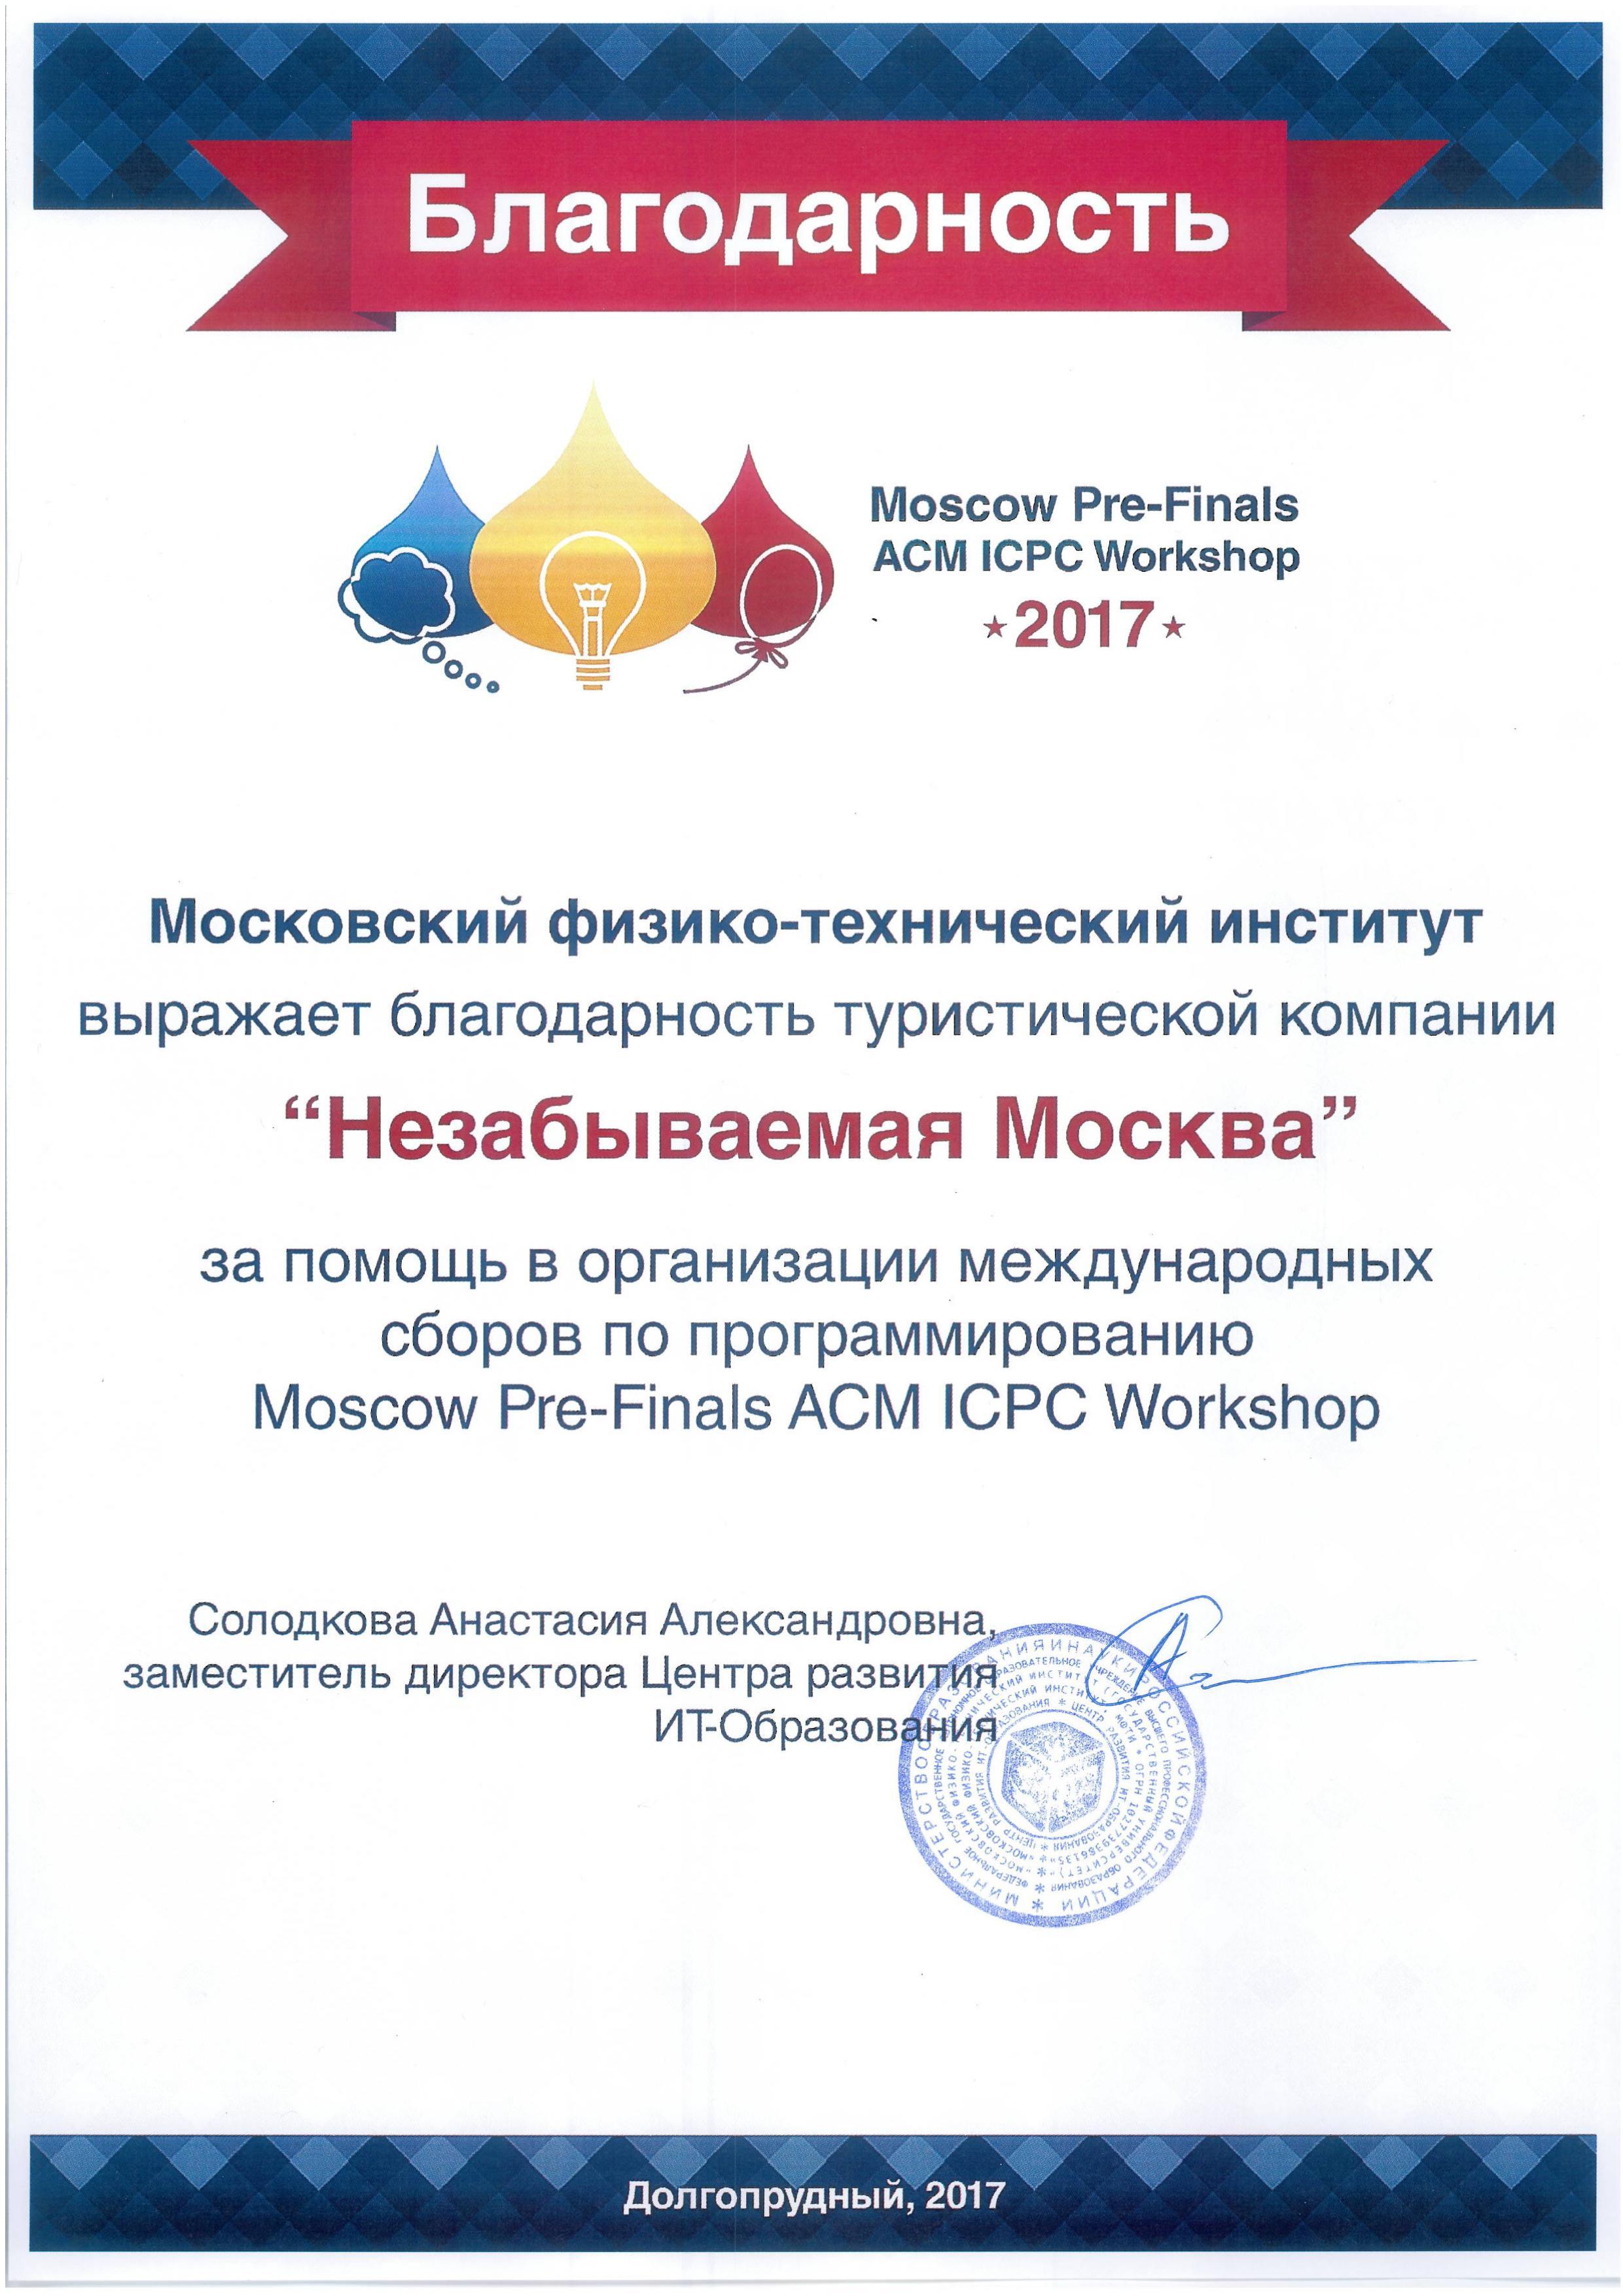 Благодарственное письмо от московского физико–технического института – МФТИ